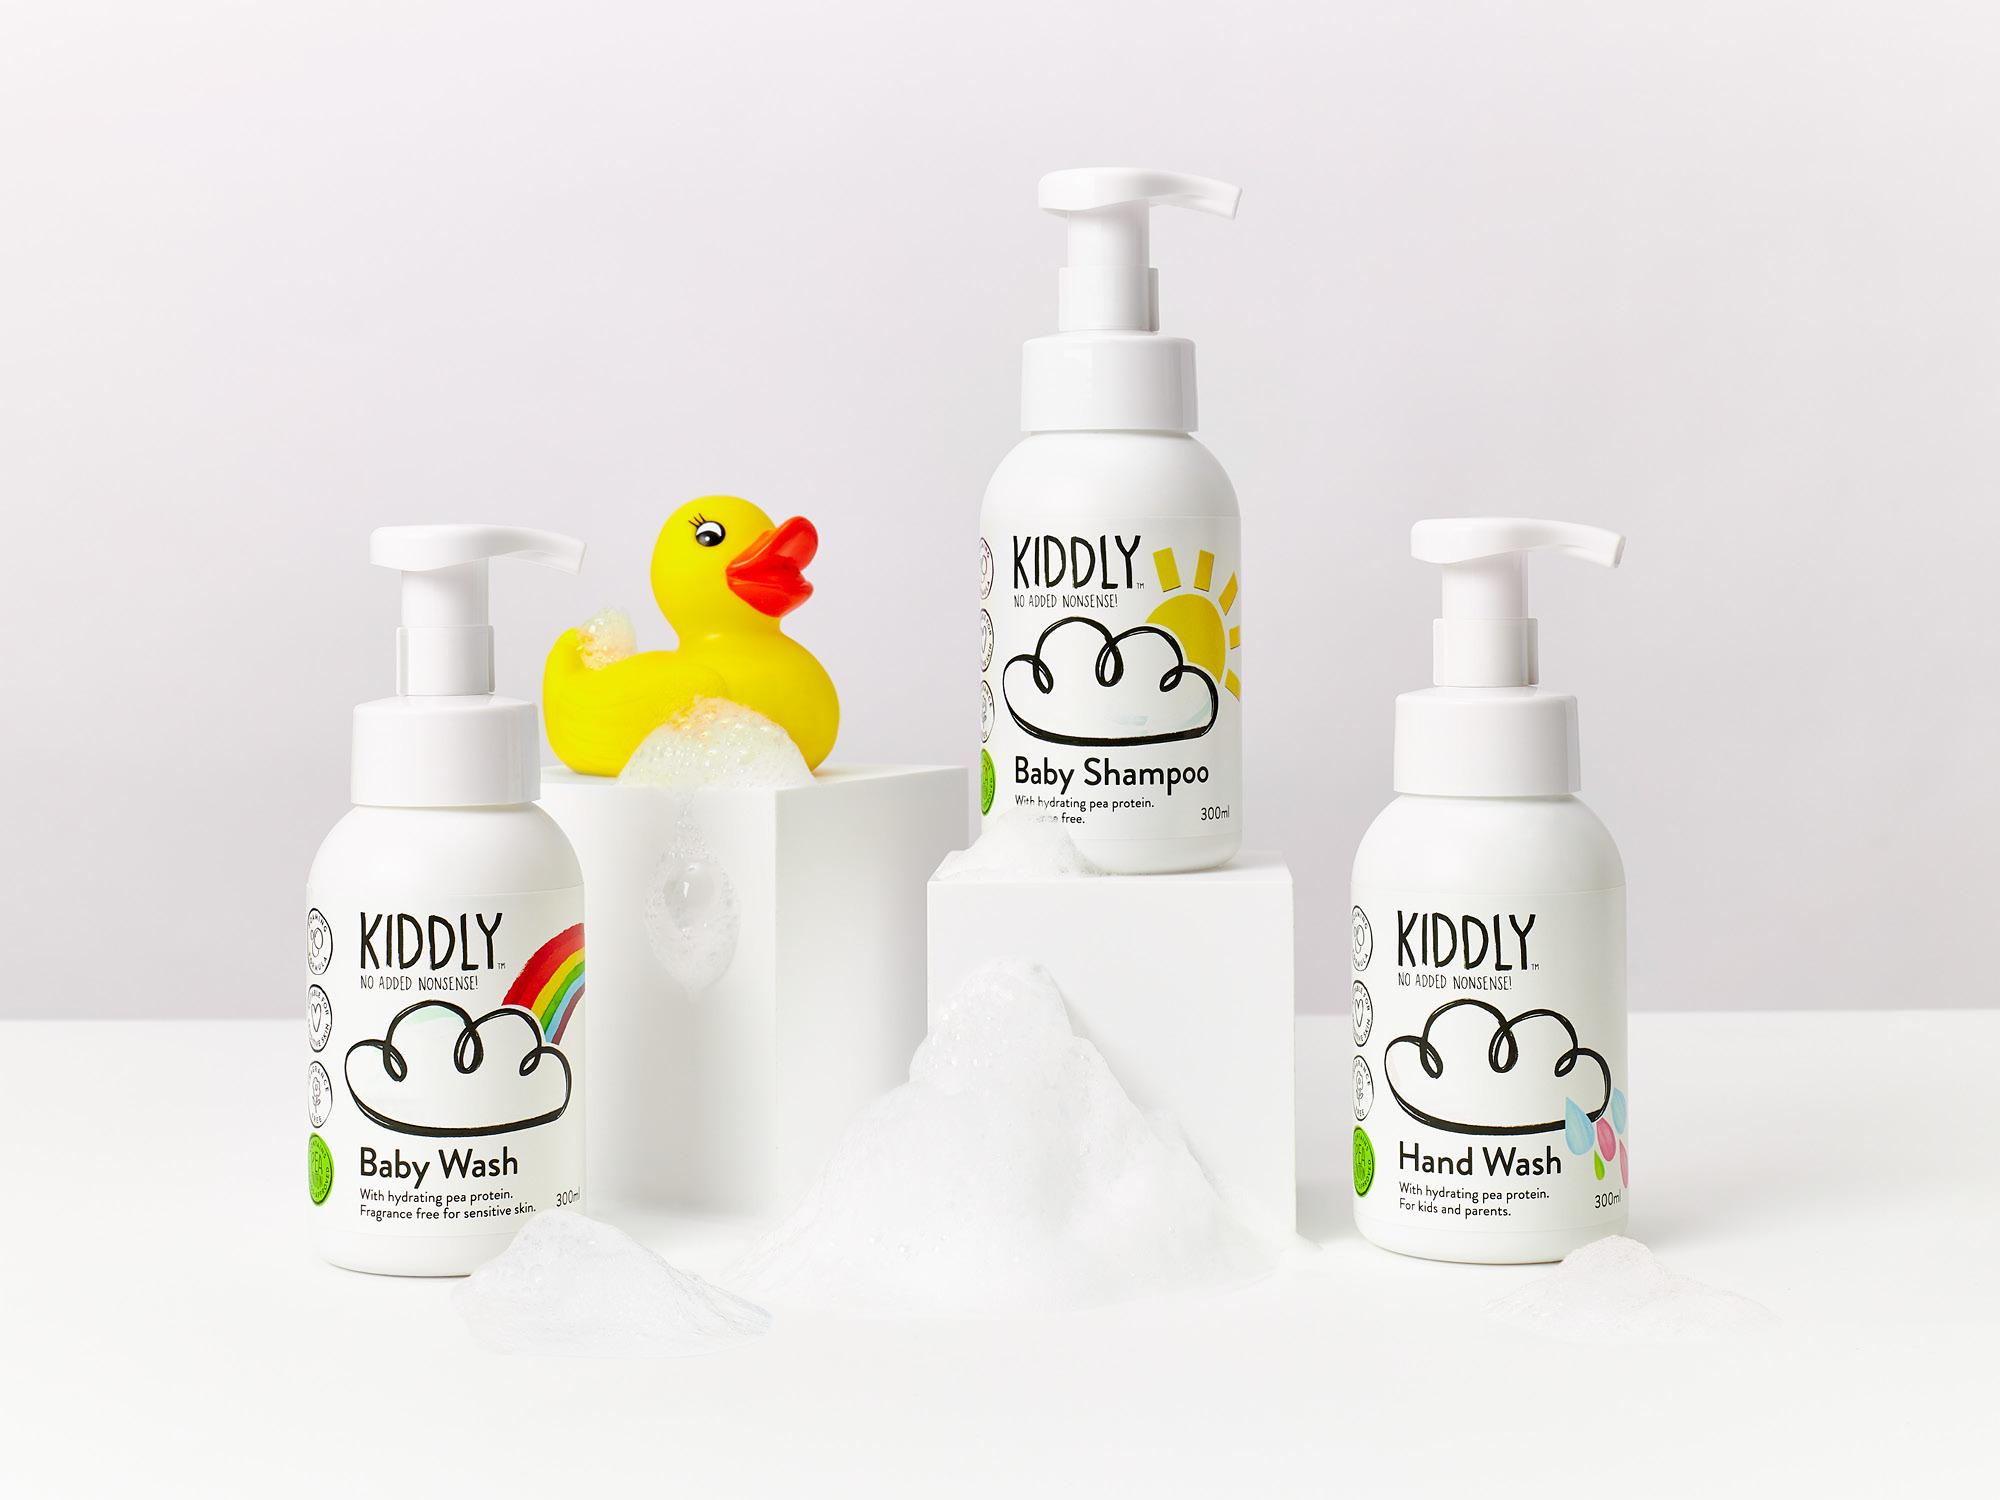 送料無料特典 お子様の『洗う』を全てカバー Shampoo & Baby Wash & Hand Soap 3本セット天然由来ピープロテイン配合